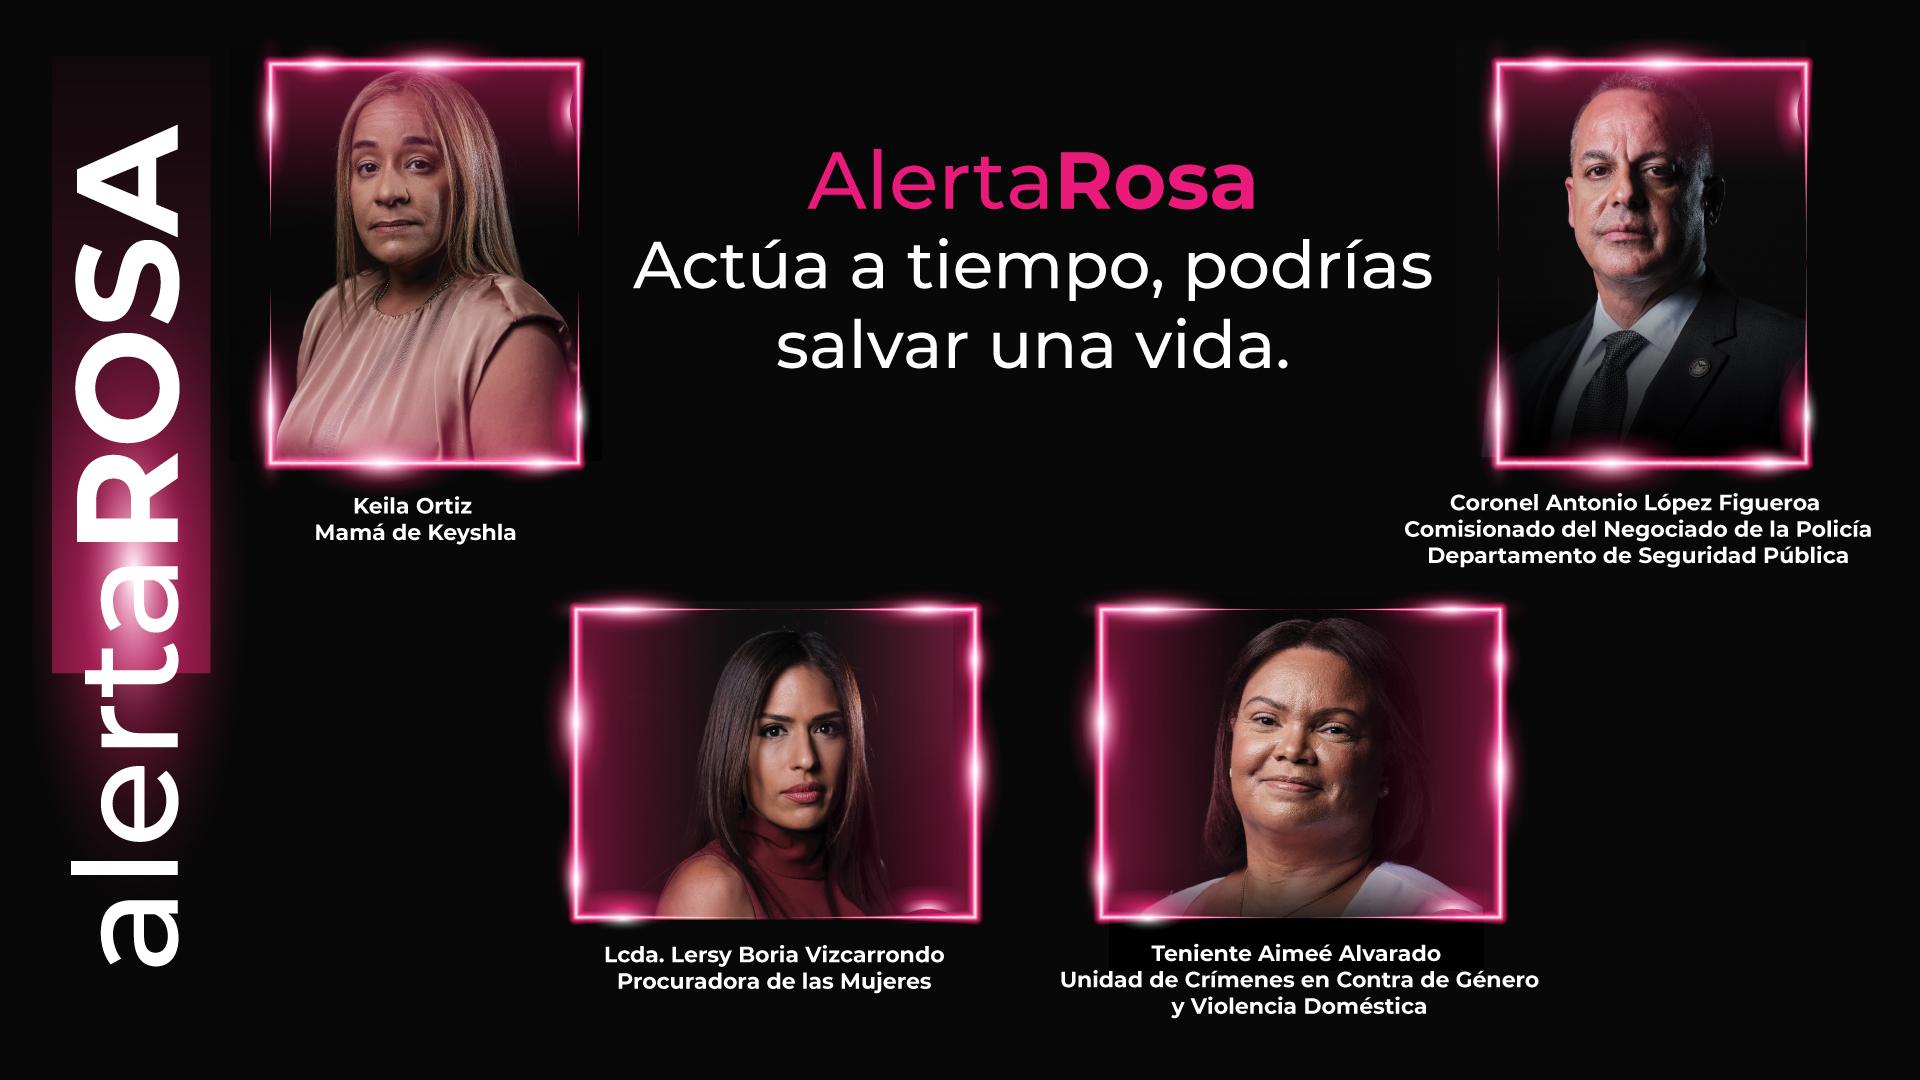 Inicia campaña de orientación sobre la alerta rosa